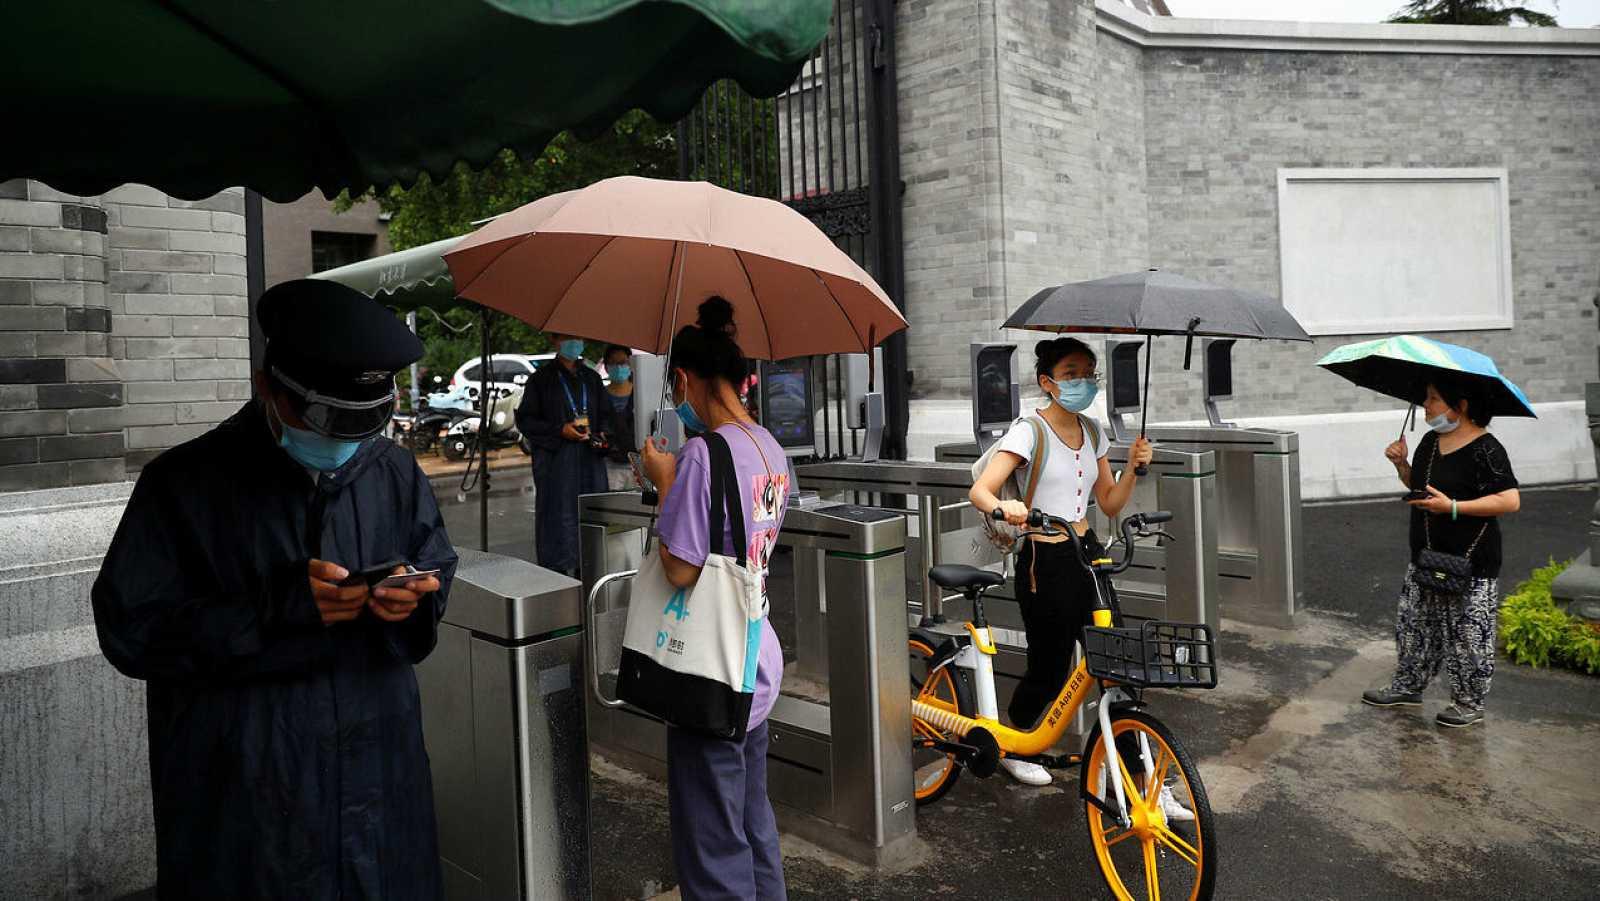 Estudiantes pasan por puertas de reconocimiento facial controladas por cámaras para ingresar a la Universidad de Pekín en Beijing, China.